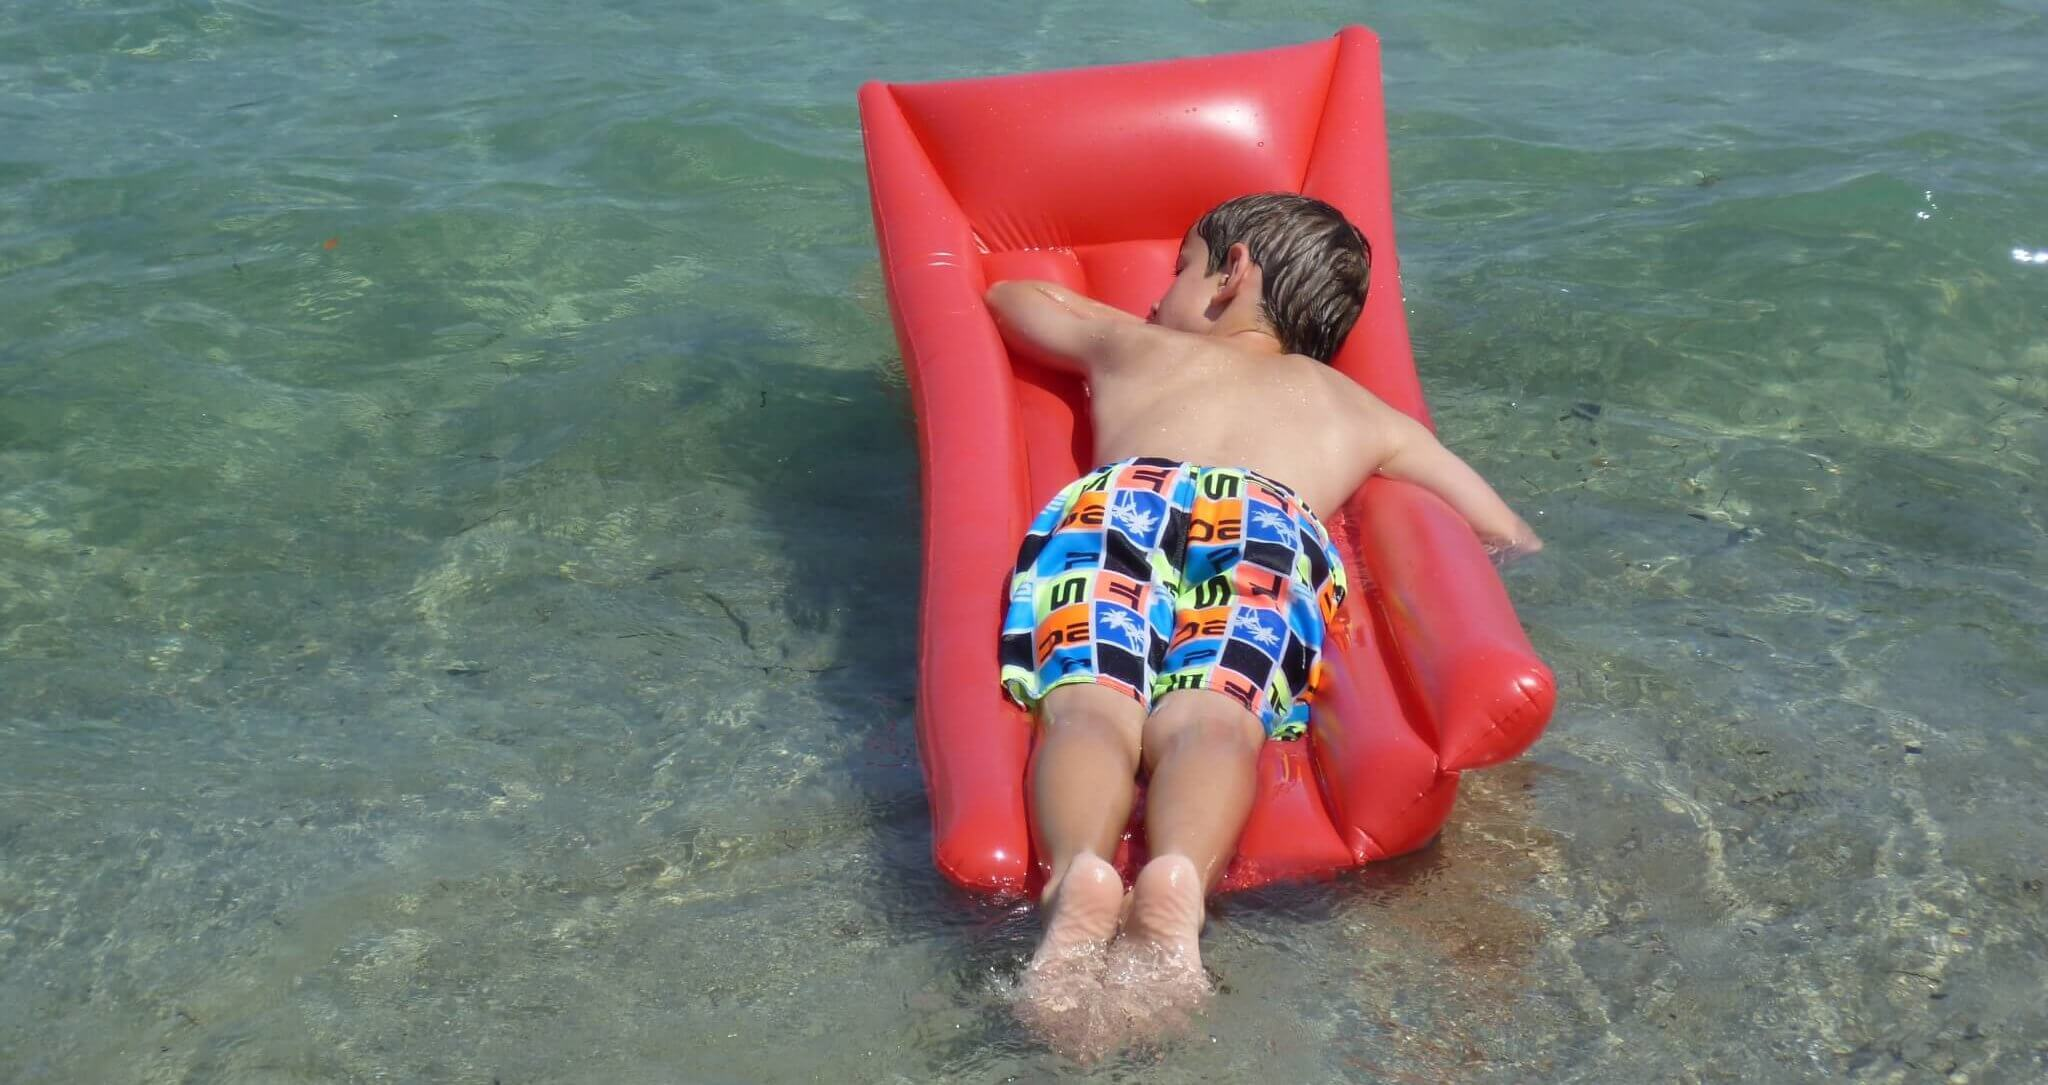 Wasserspielzeug Luftmatratze mit Kind